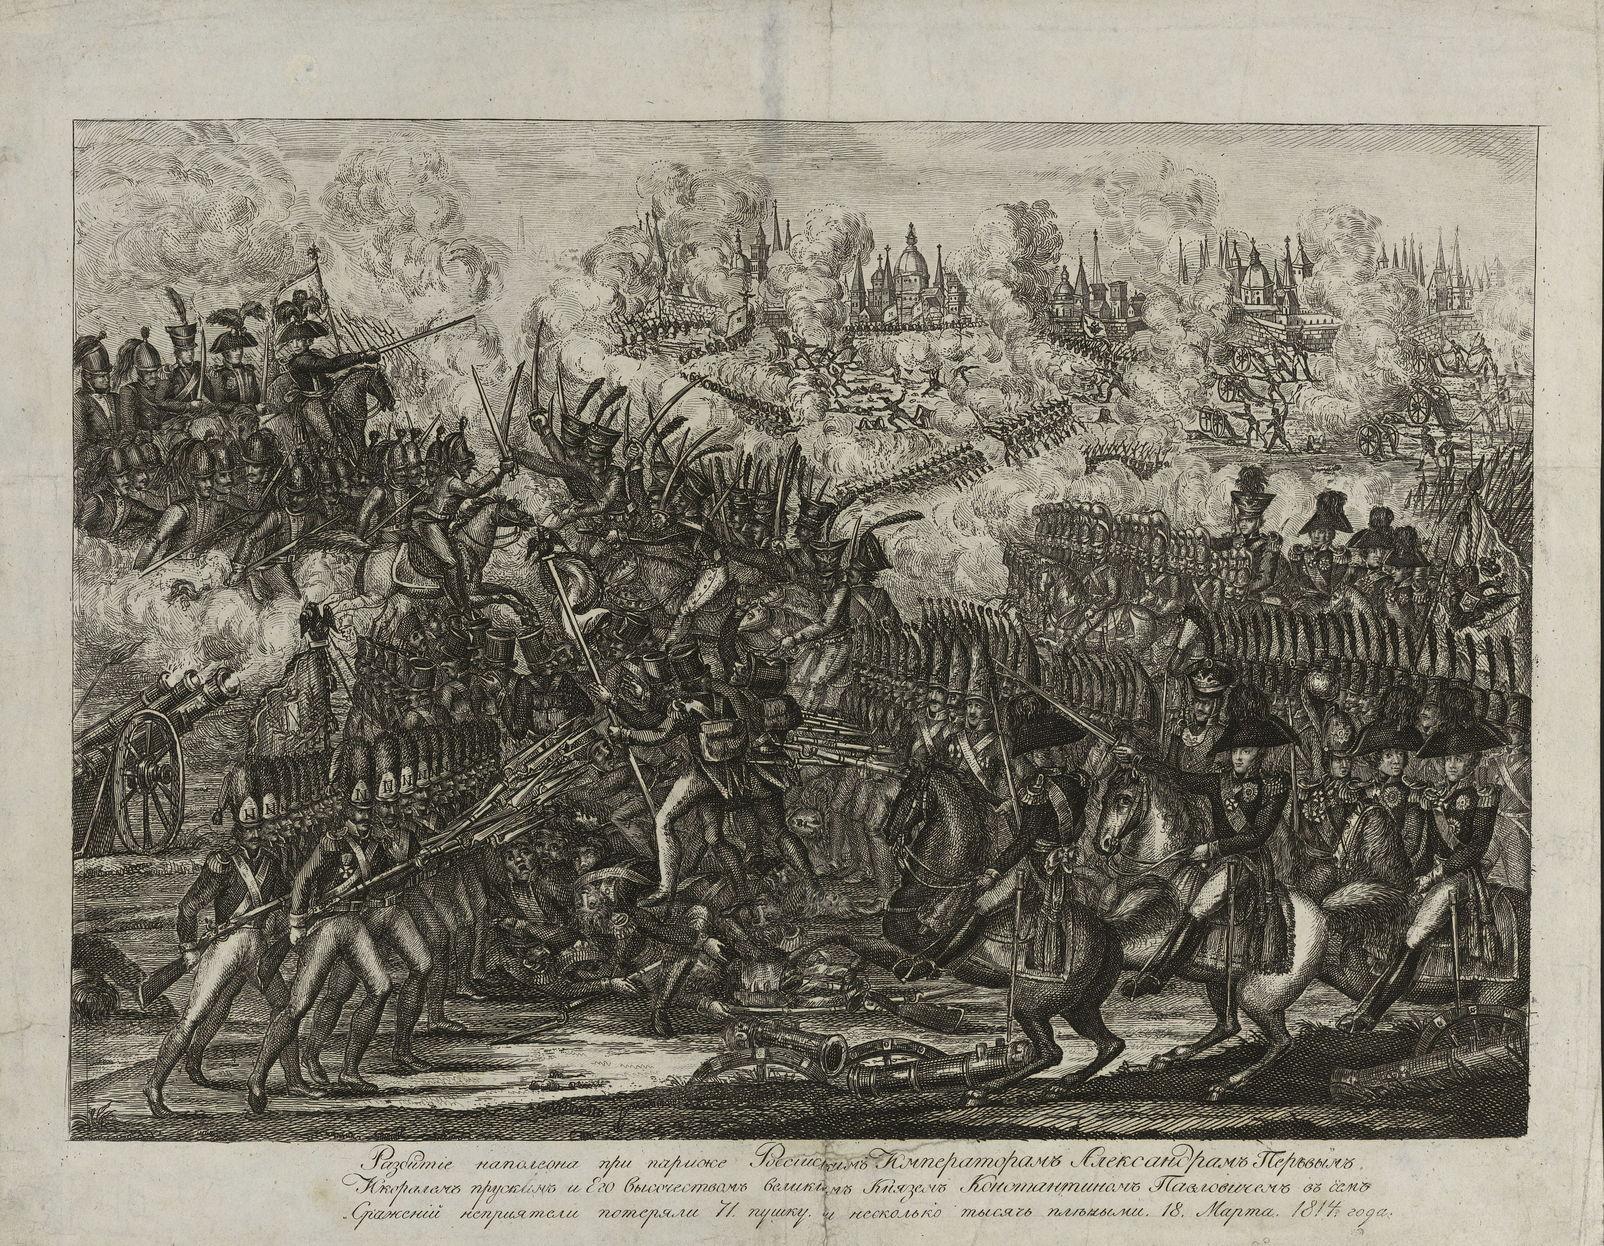 Неизвестный художник Разбитие Наполеона при Париже Российским императором Александром Первым... 18 марта 1814 года, первая четверть XIX в.